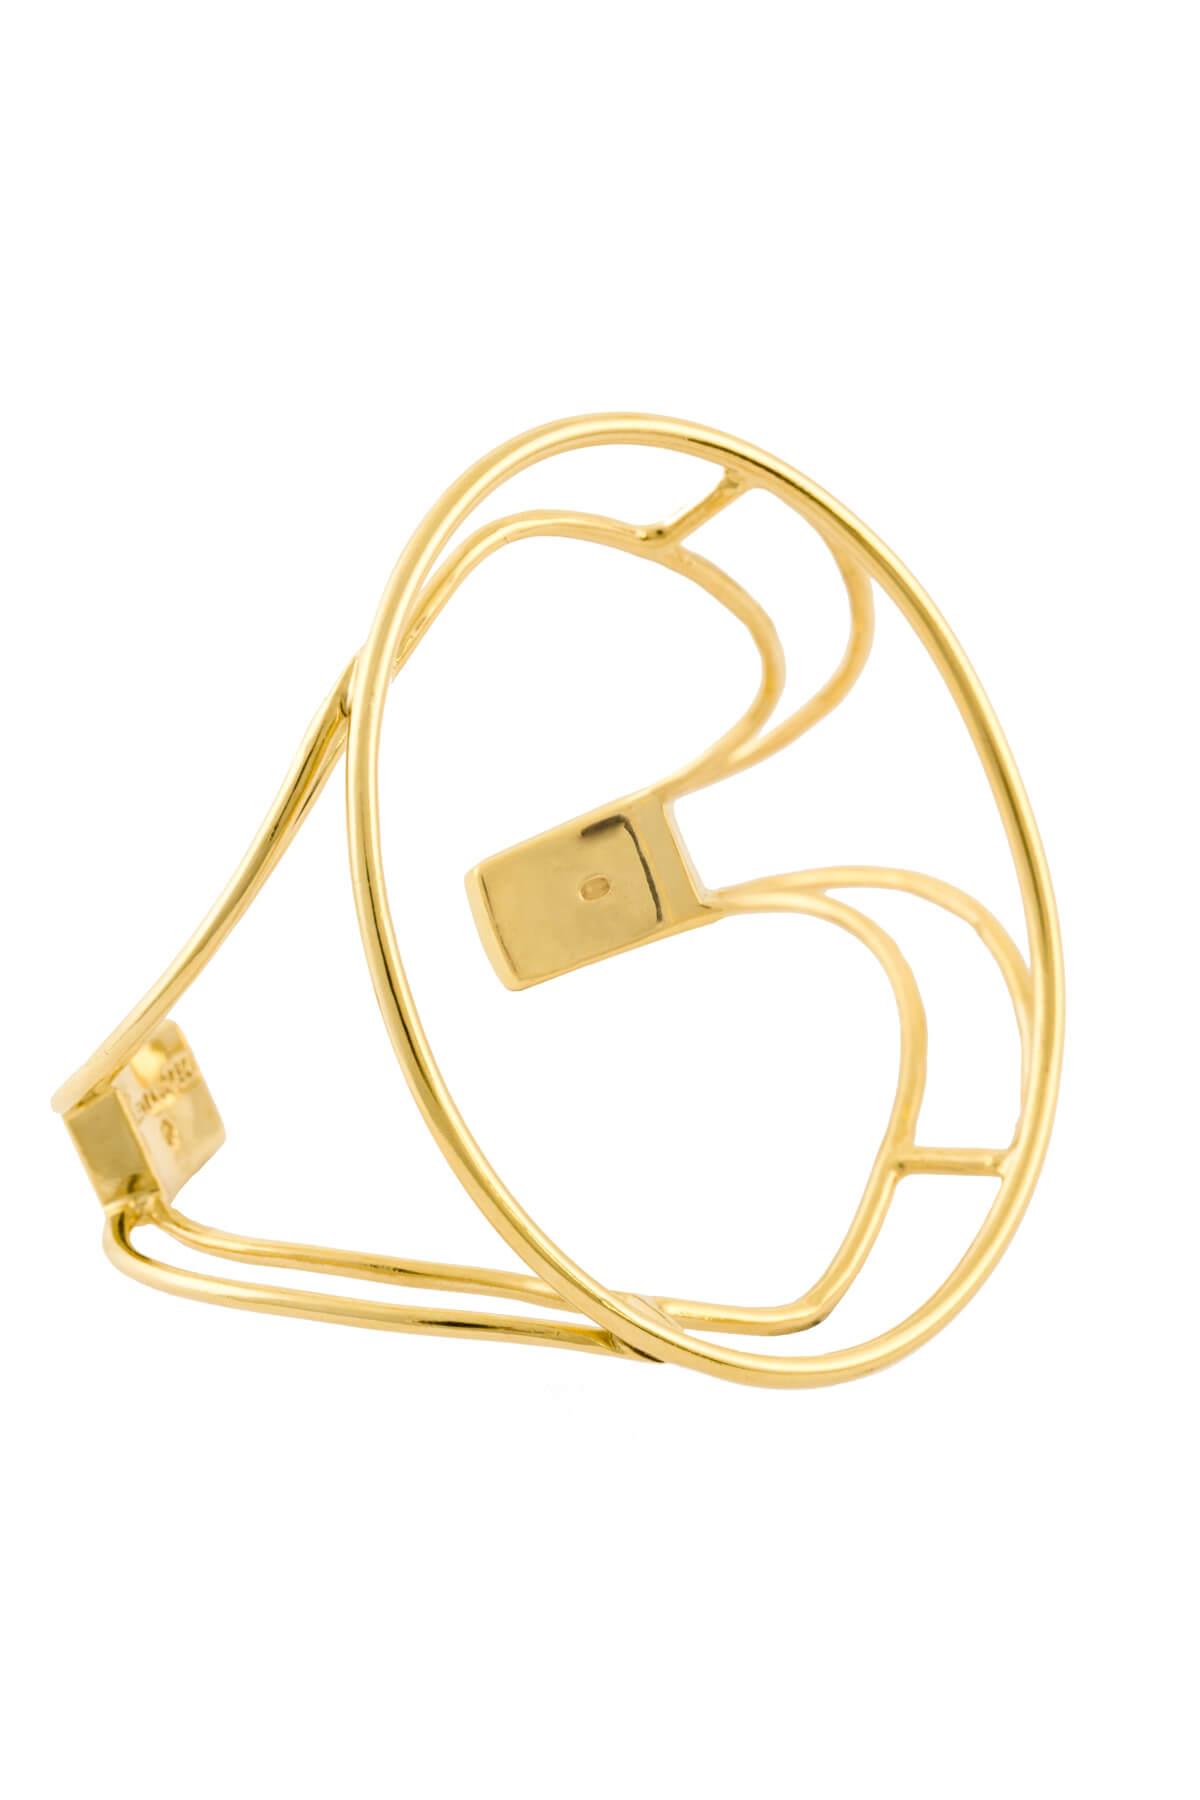 The-empty-signet-bracelet-by-glenda-lopez-lateral